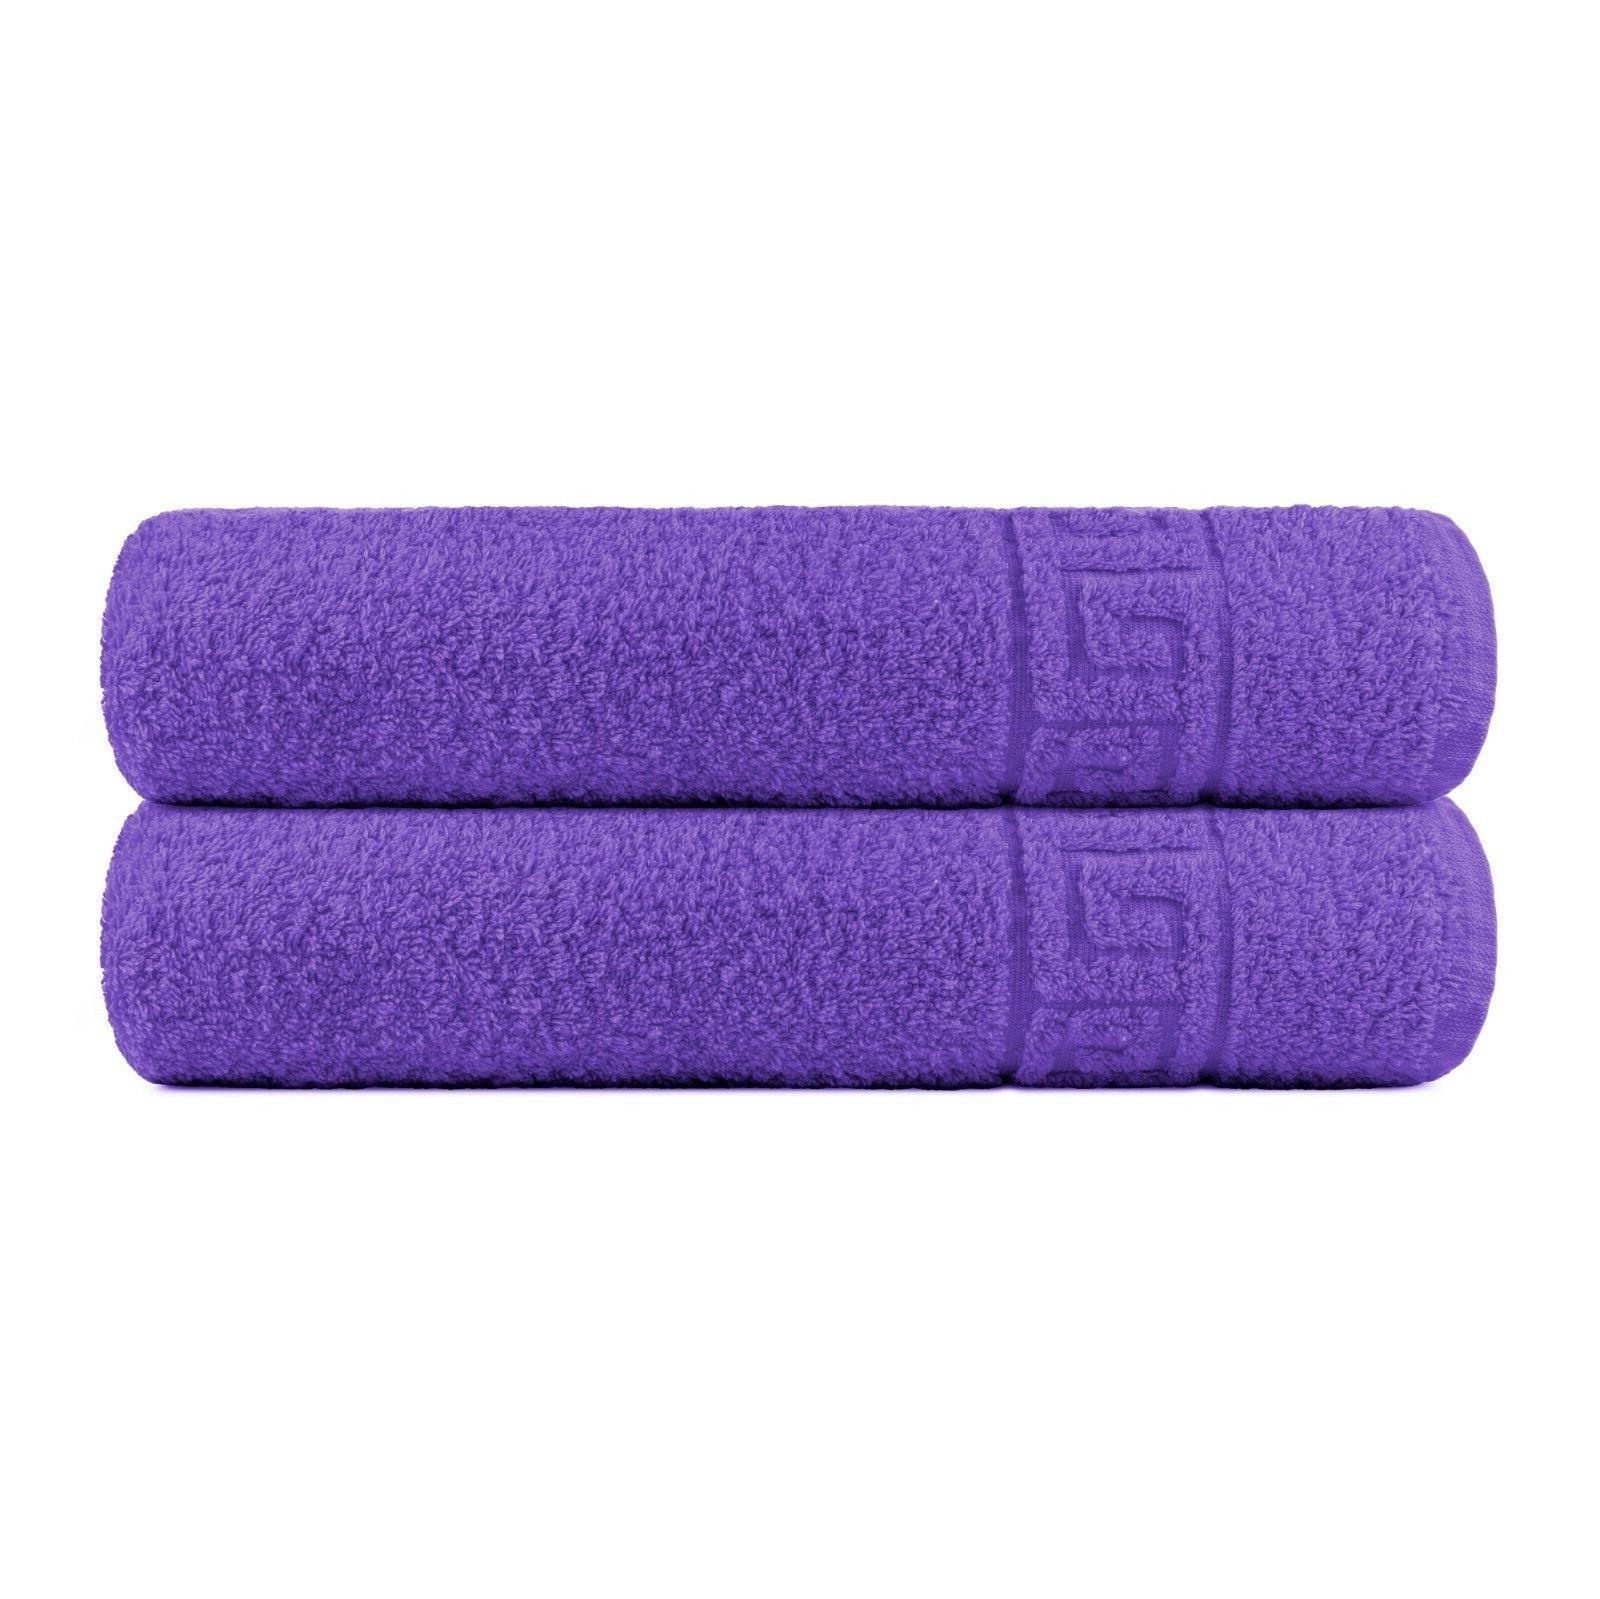 Towels 2 or Towels 100%